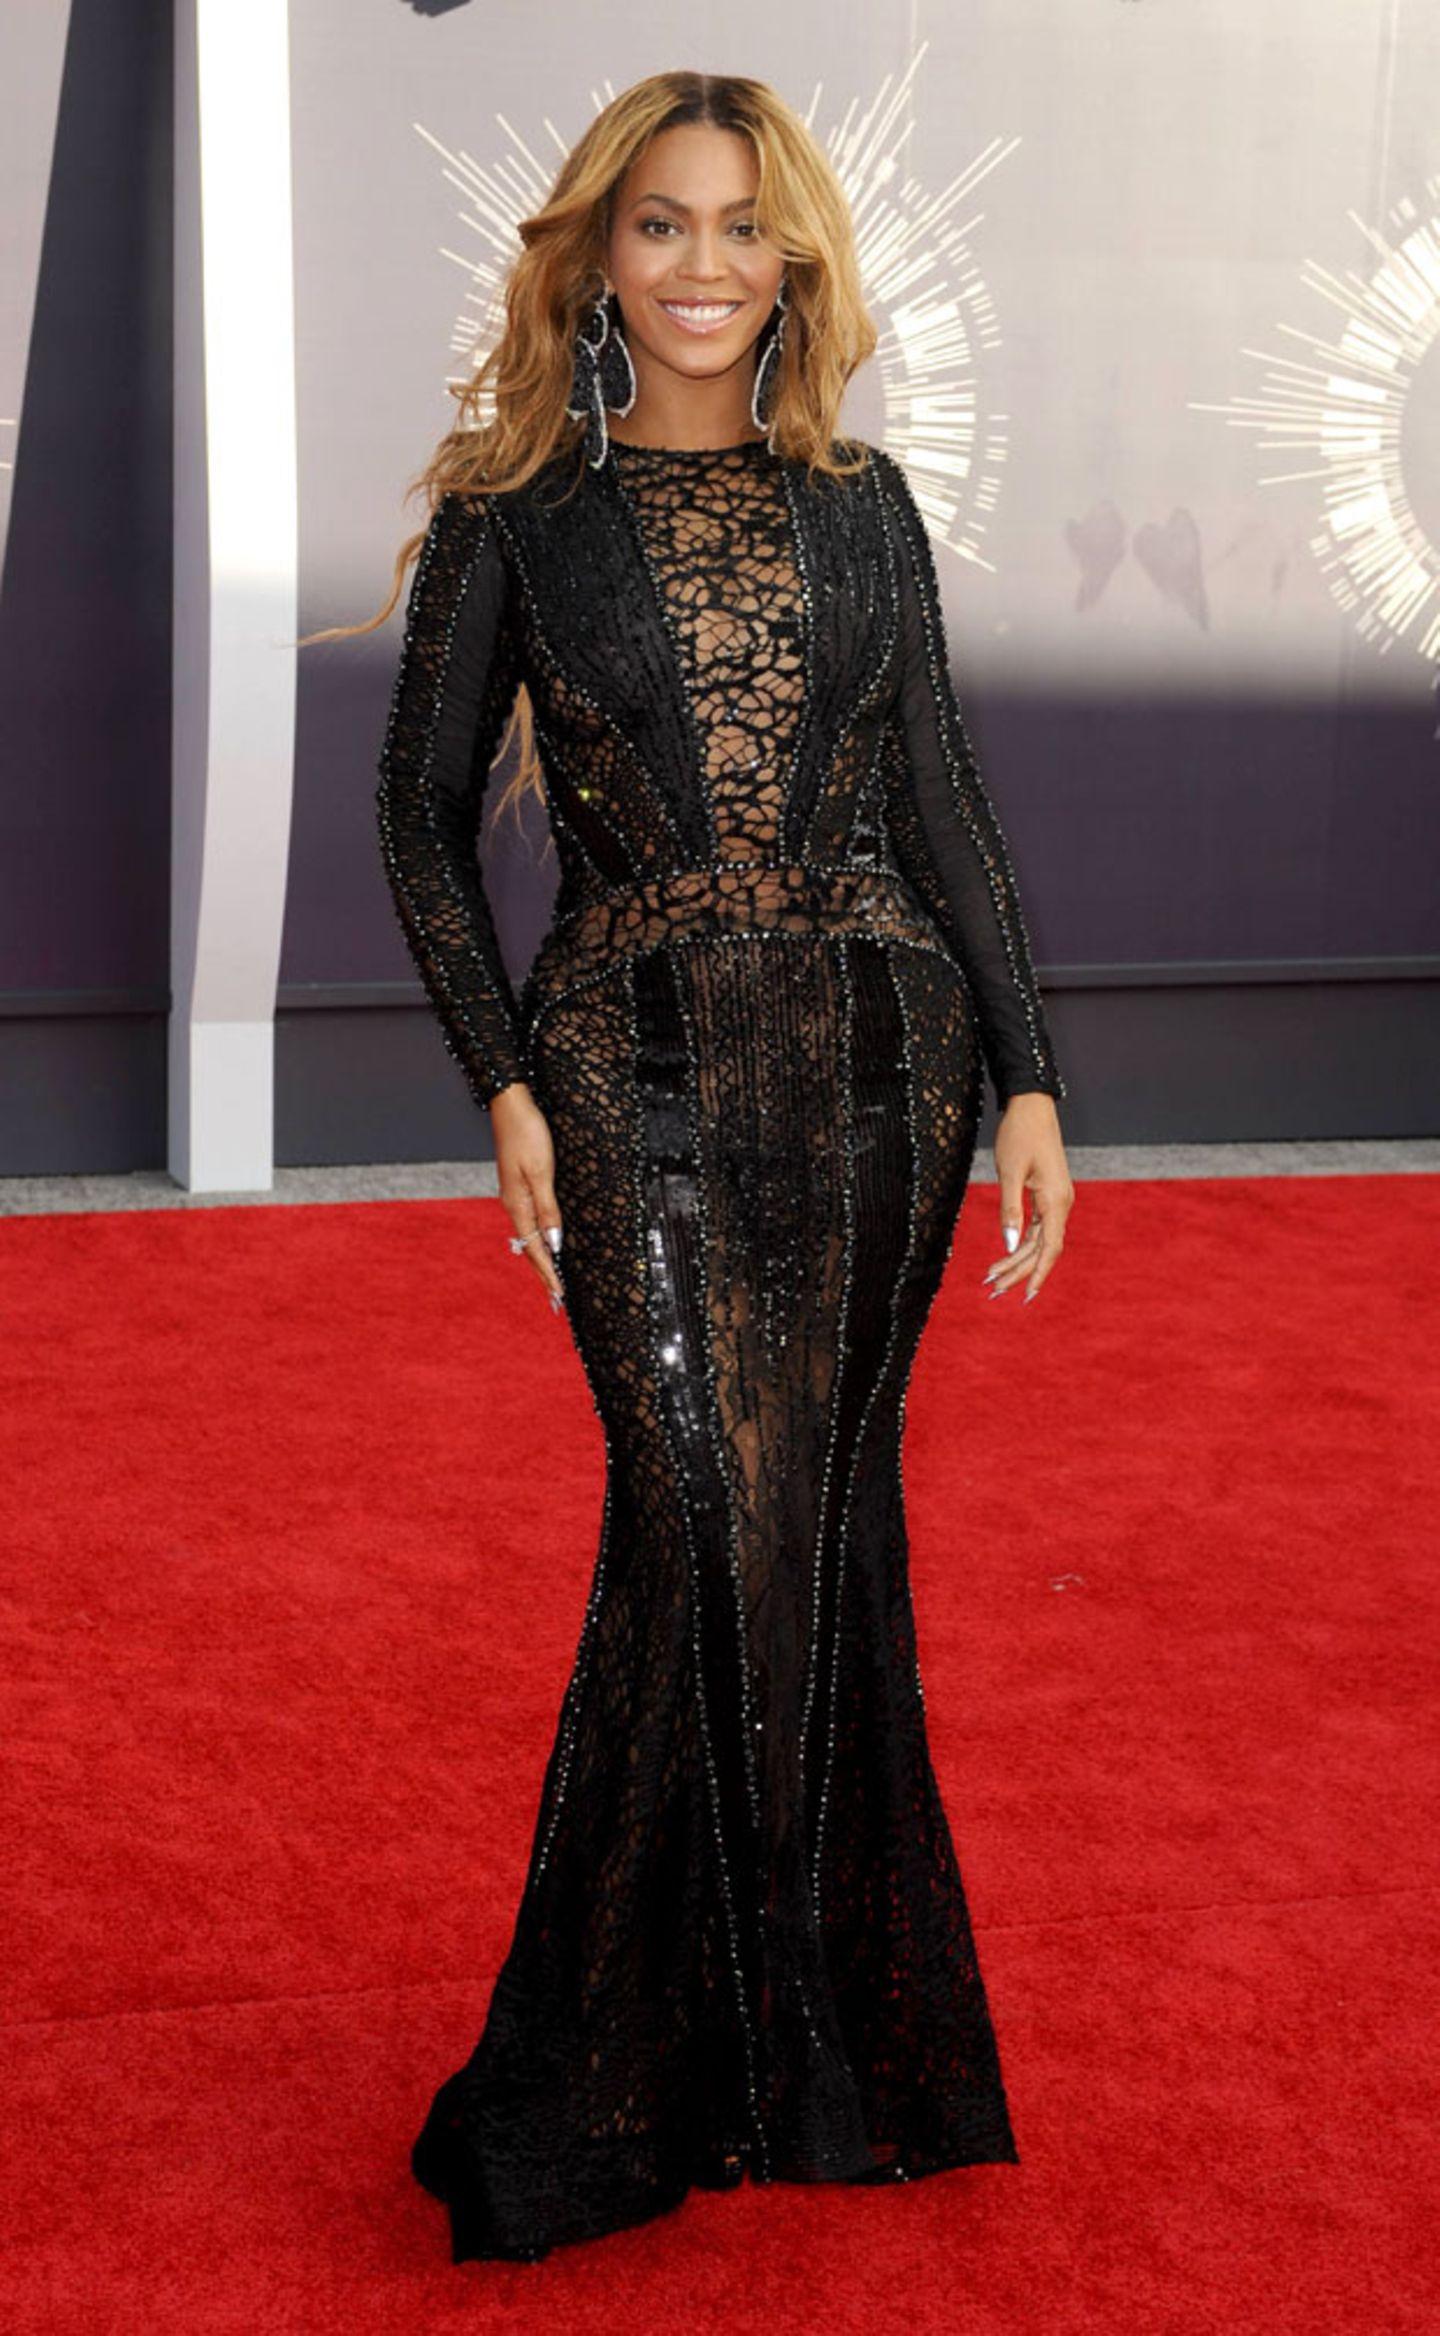 Die besten Star-Looks bei den VMA's 2014